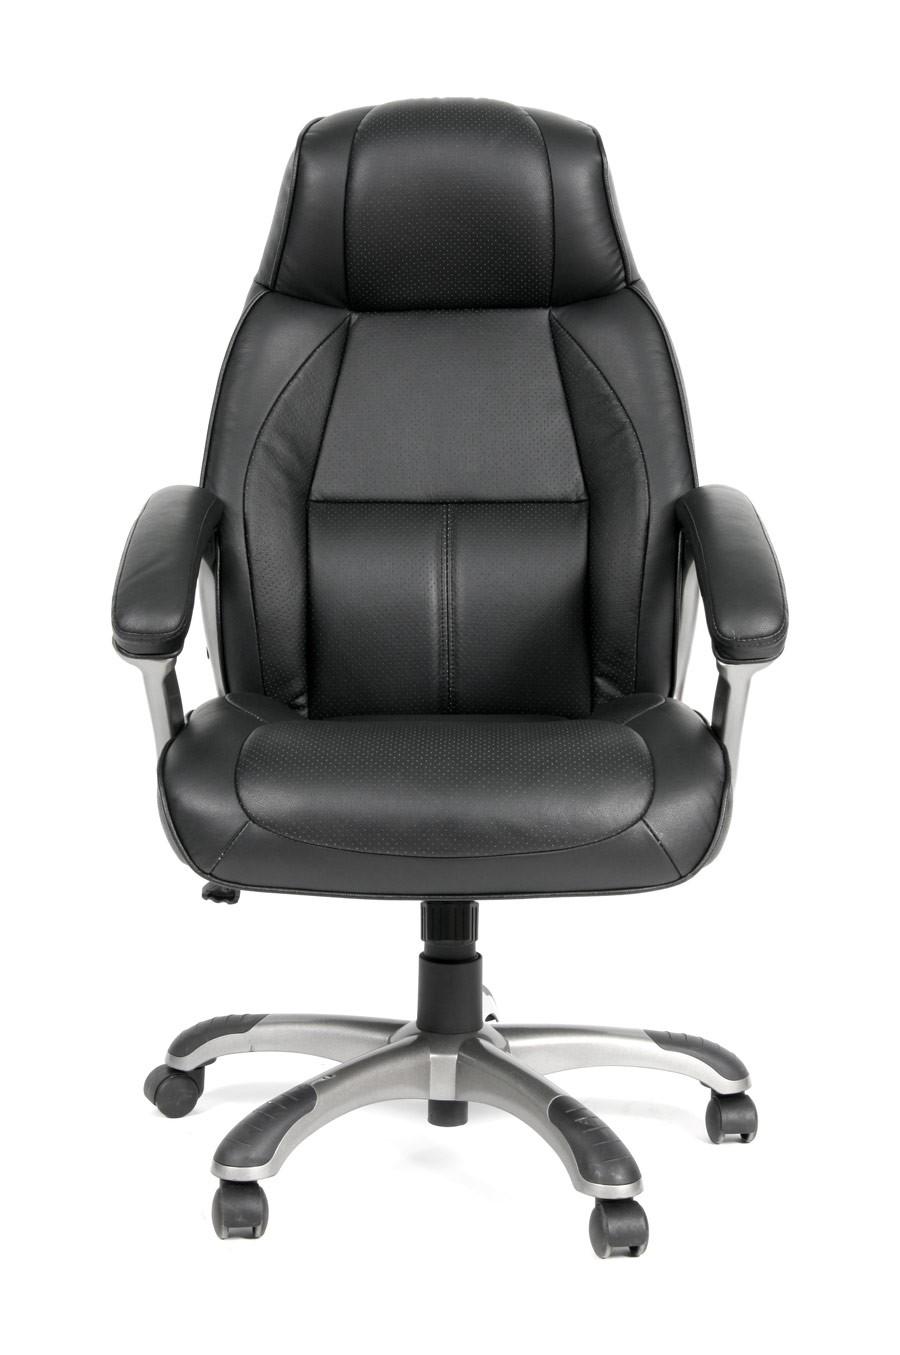 Выбираем компьютерное кресло - на что обратить внимание 8